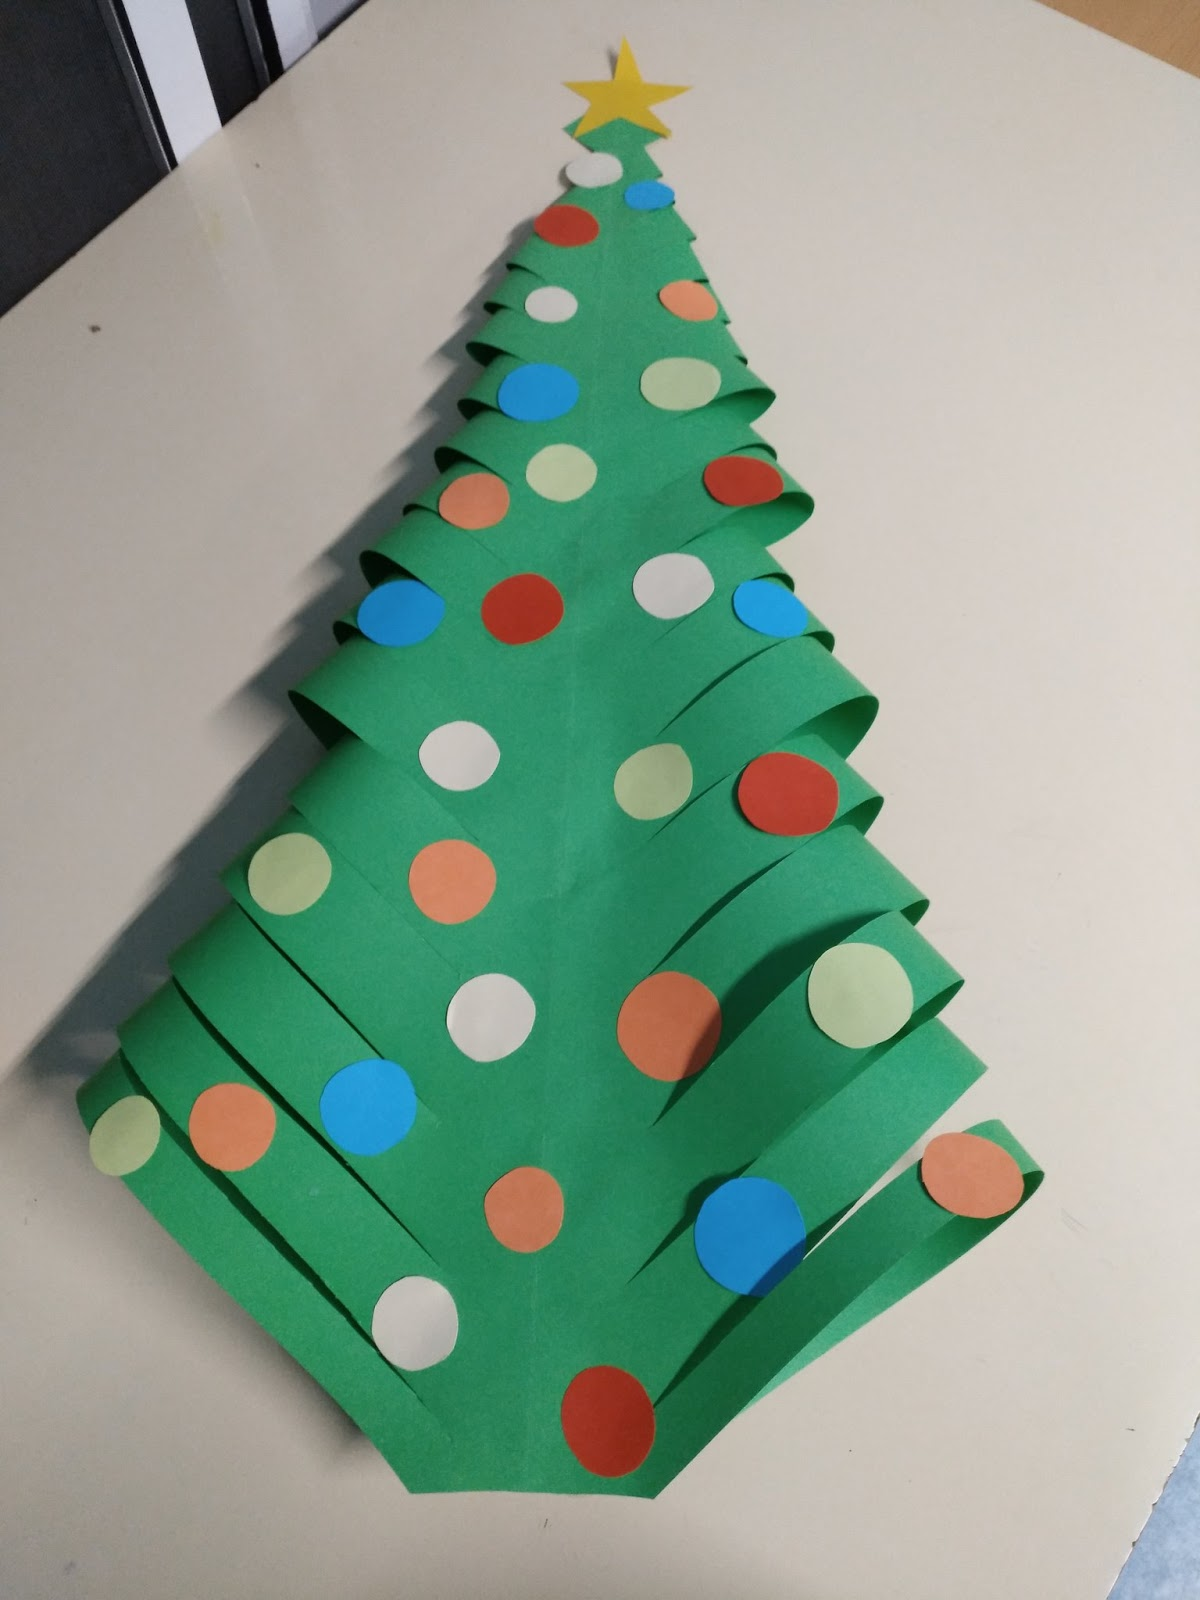 Entrenubesespeciales manualidades de navidad f ciles de - Manualidades faciles navidad ...